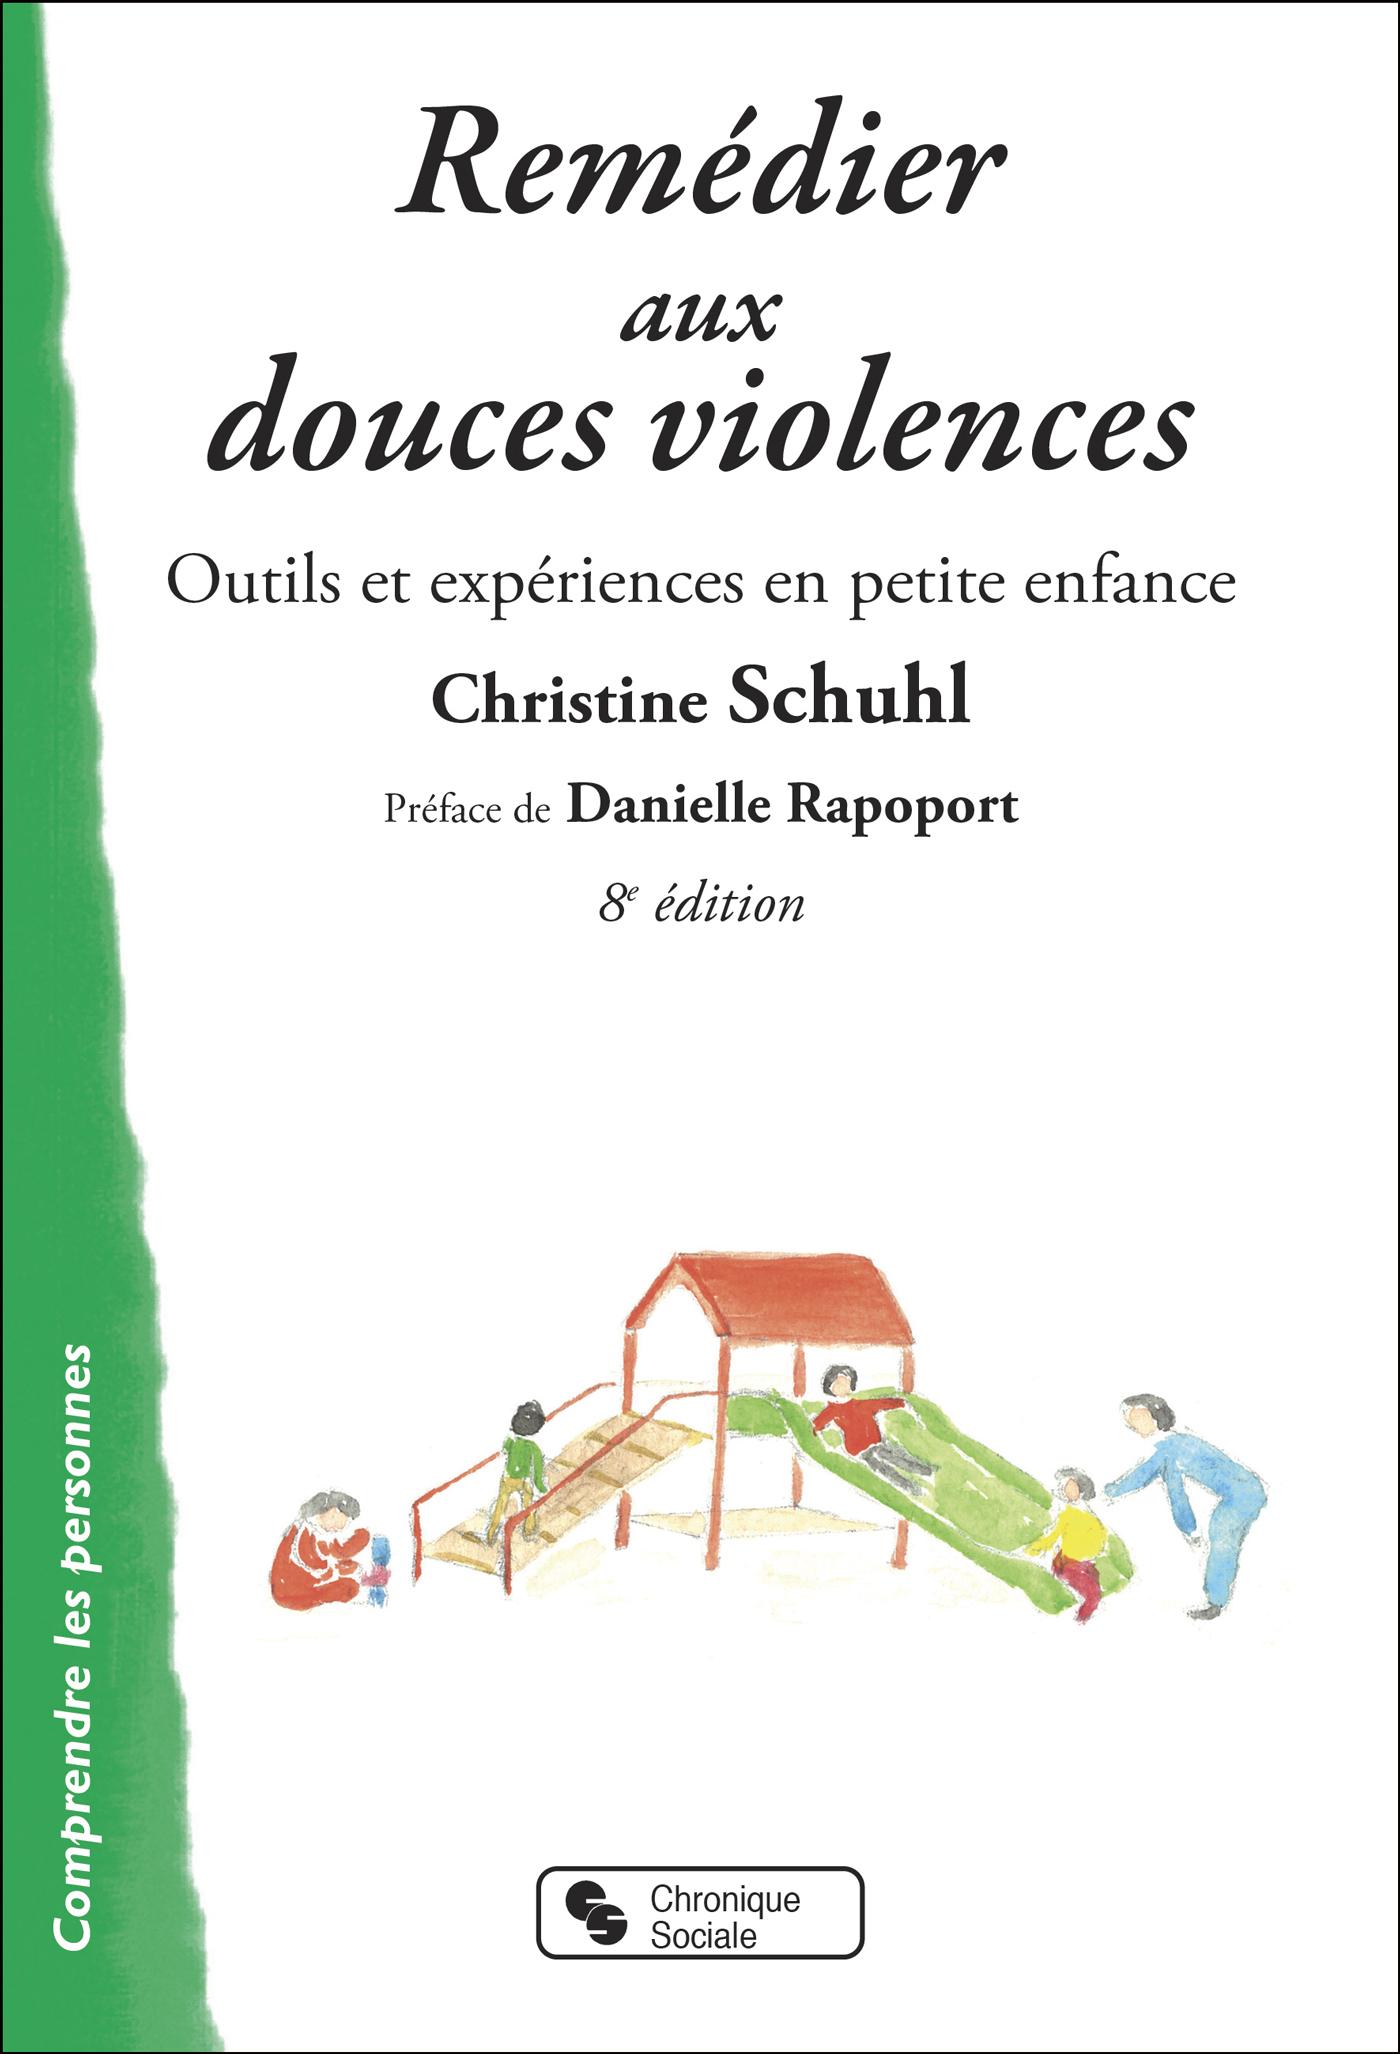 REMEDIER AUX DOUCES VIOLENCES - OUTILS ET EXPERIENCES EN PETITE ENFANCE